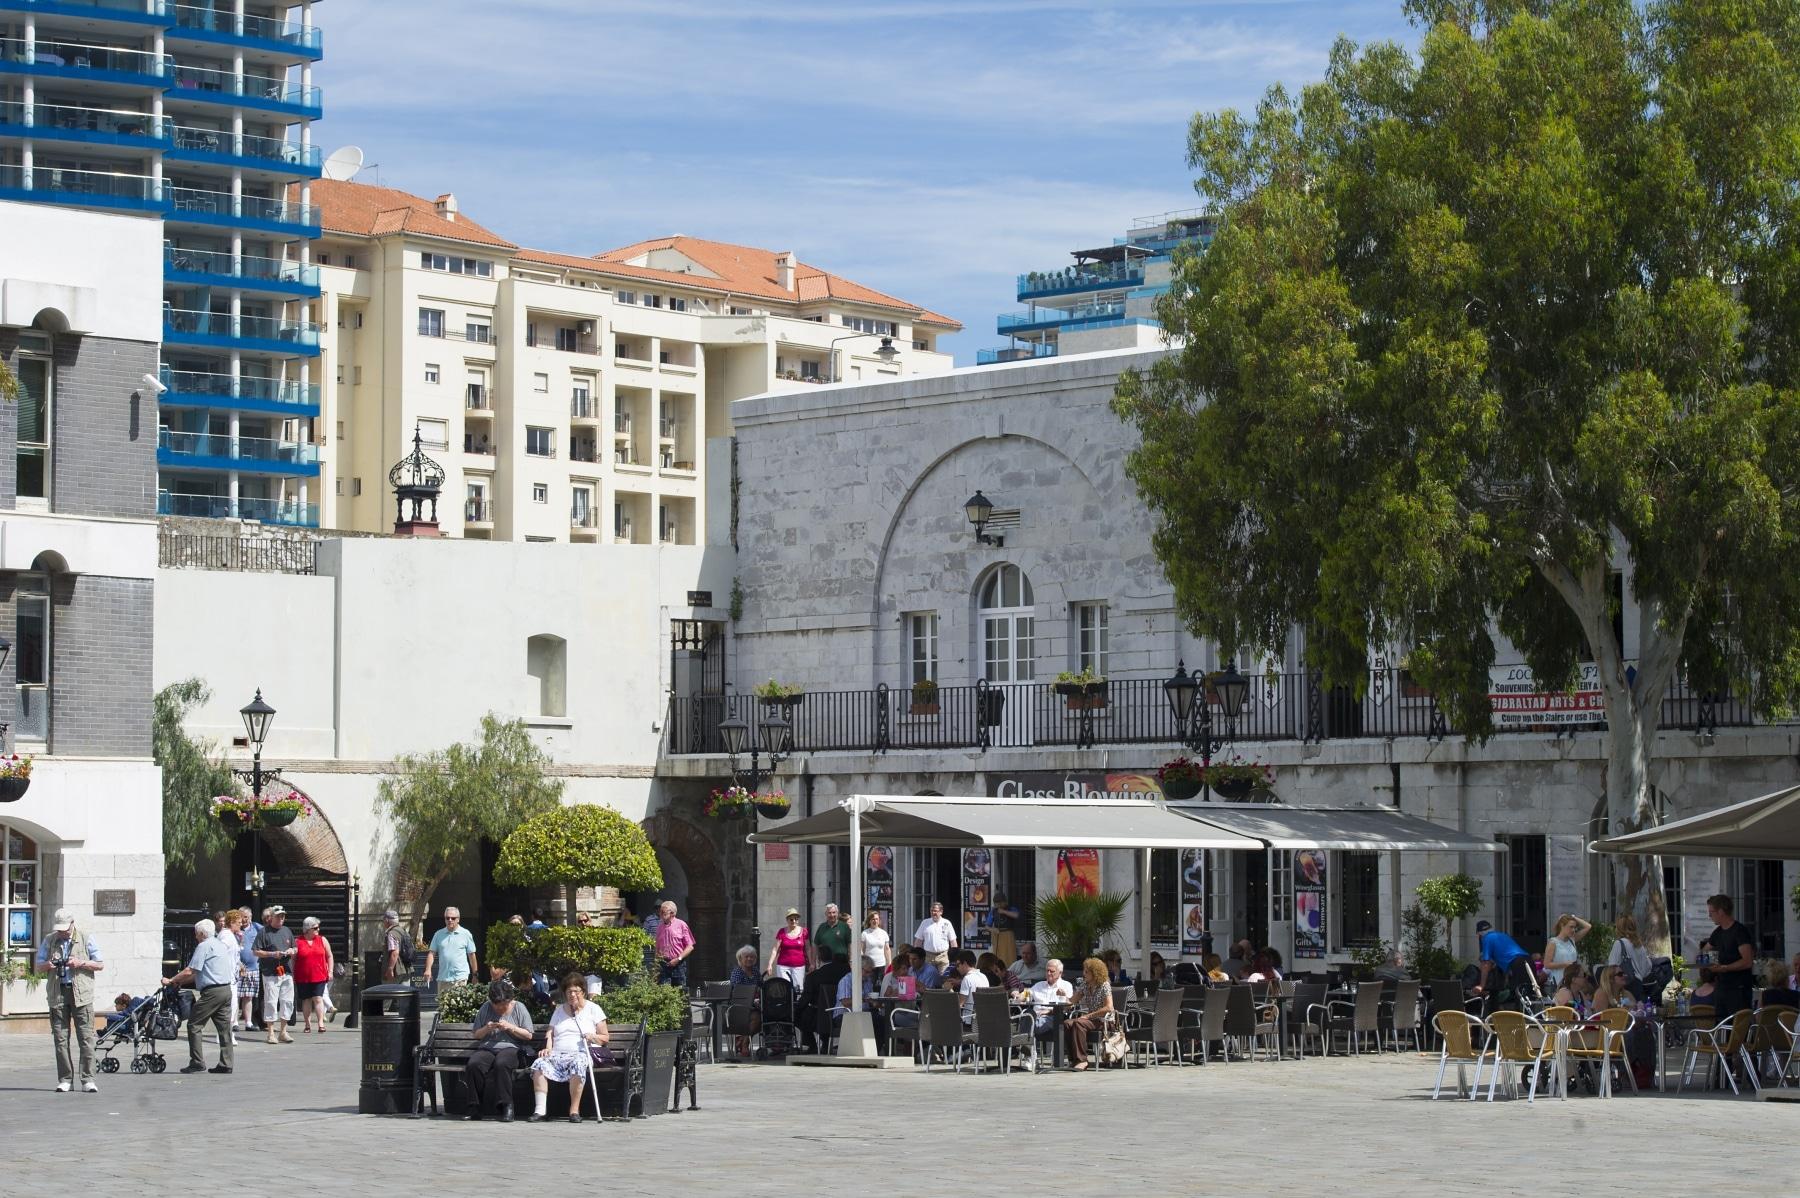 paisajes-urbanos-gibraltar-13_9222302555_o